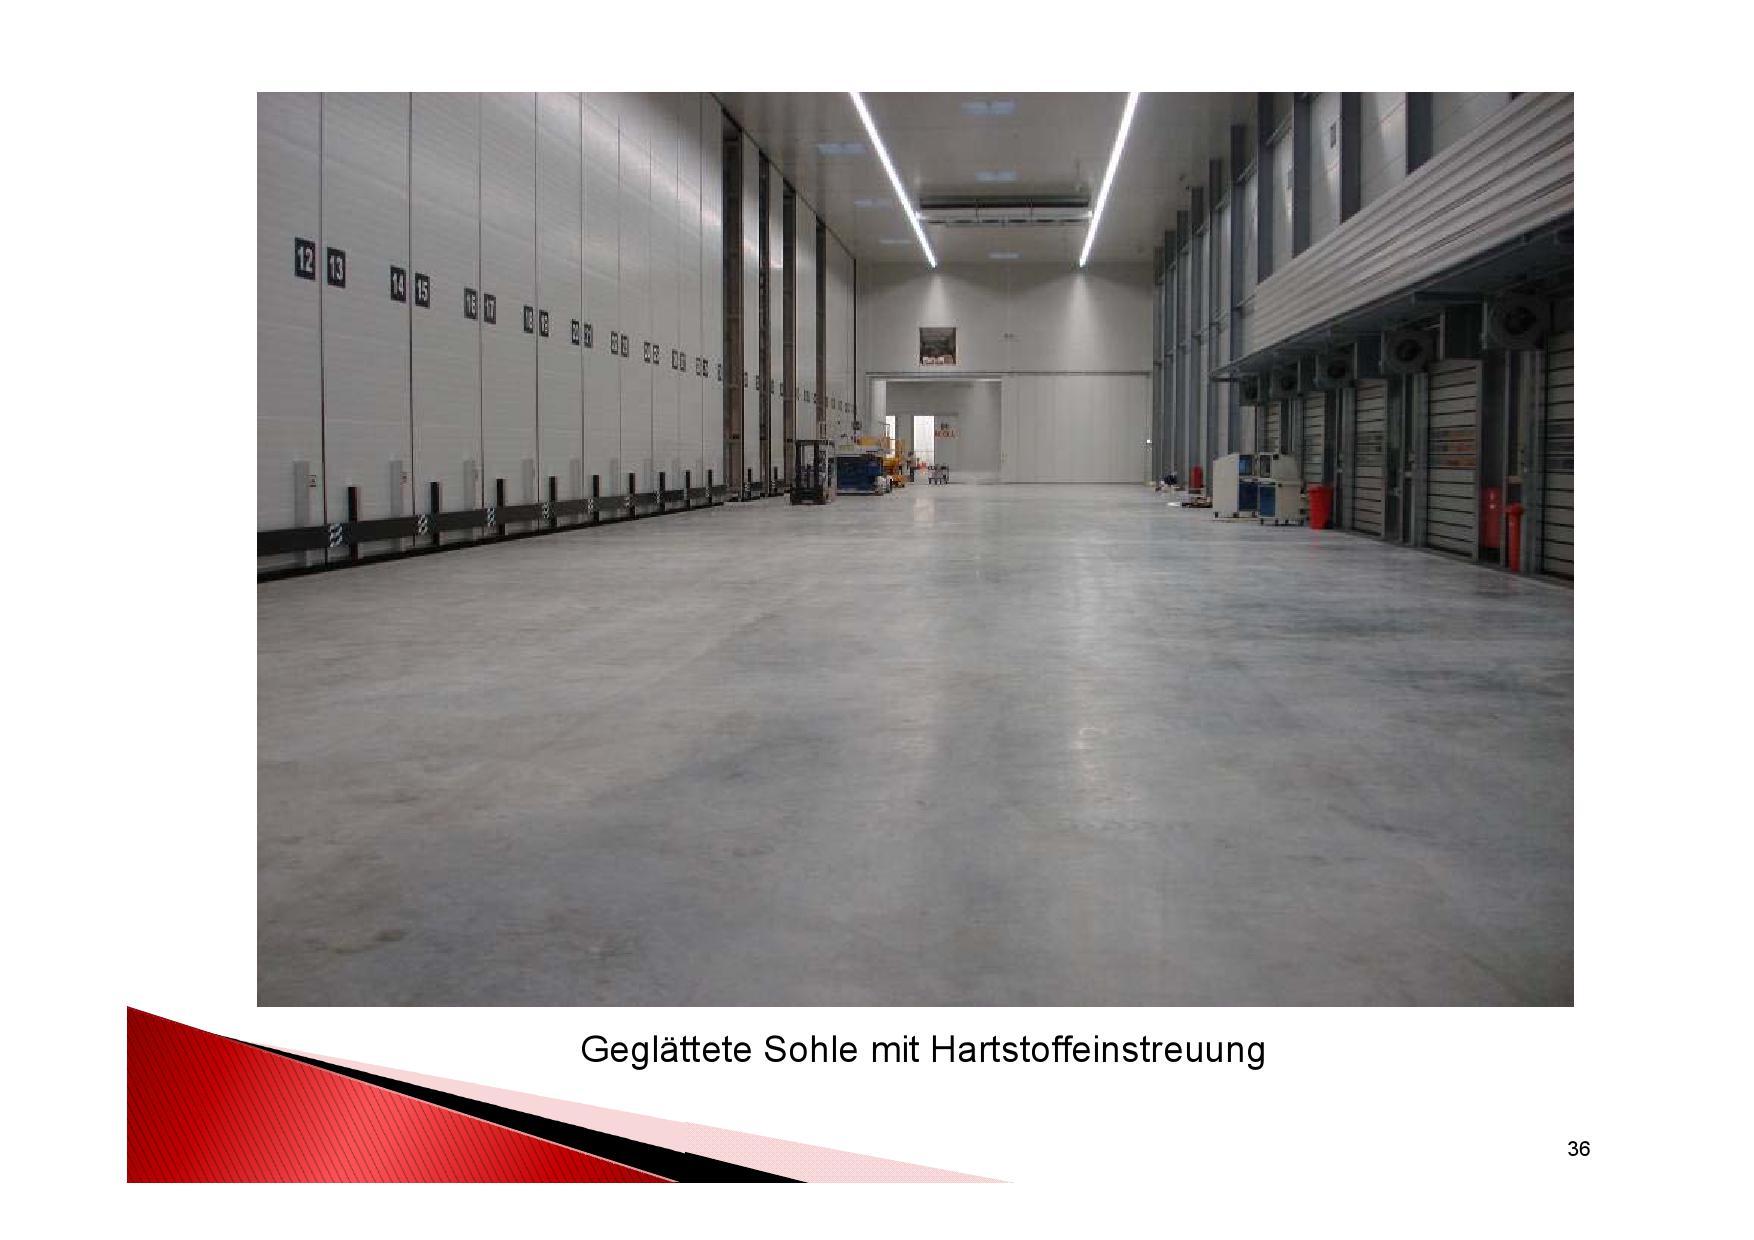 Nach der Fertigstellung: Industrieboden mit geglätterter Sohle und Hartstoffeinstreuung